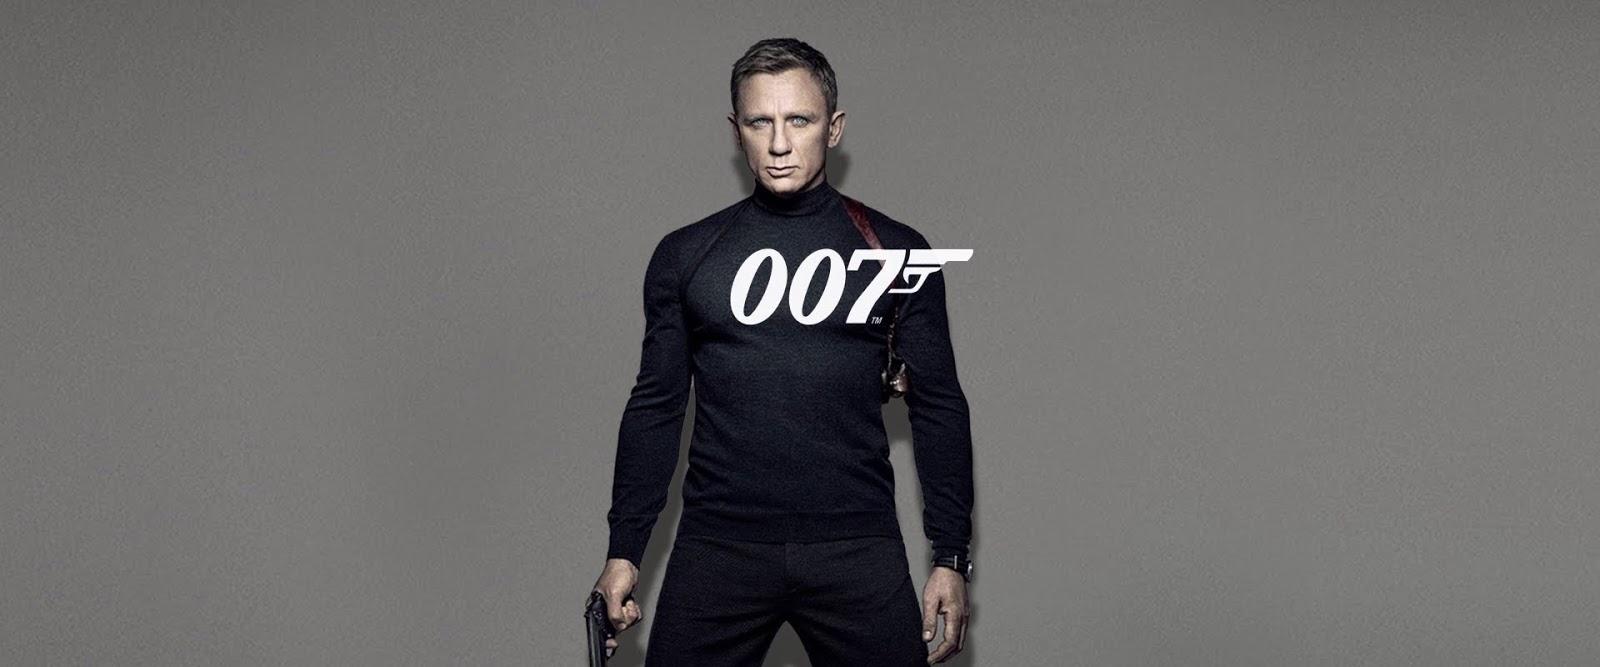 007-danny-boyle-deixa-a-direcao